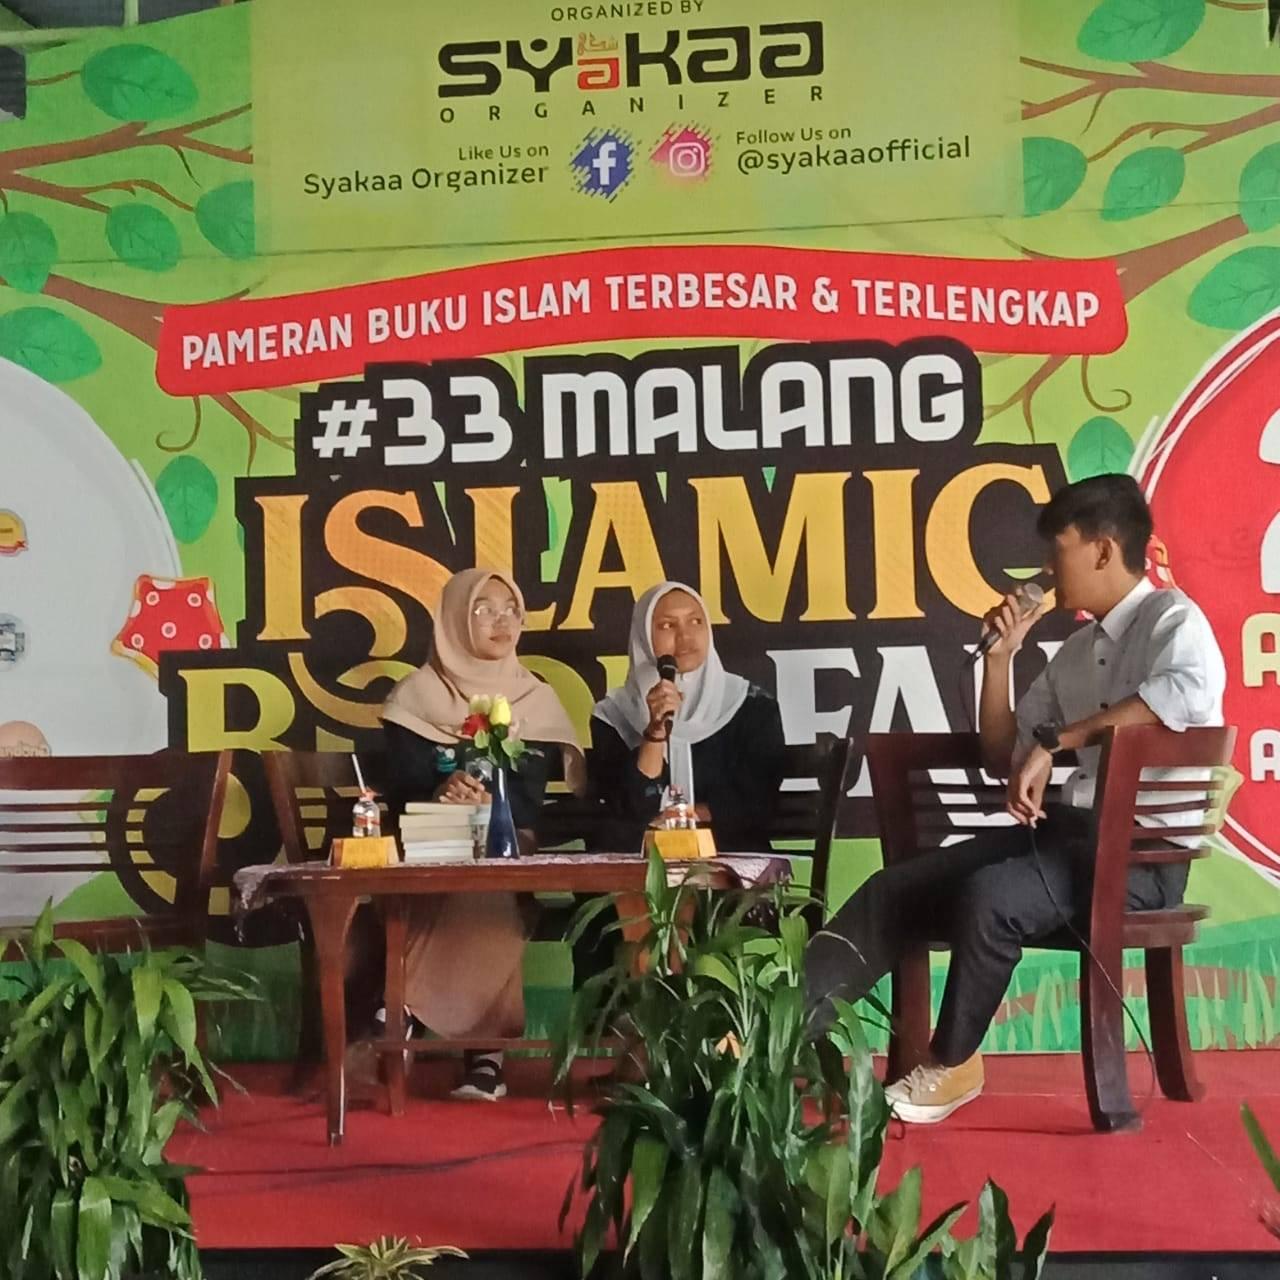 Talkshow GPAN Malang pada Islamic Book Fair 33